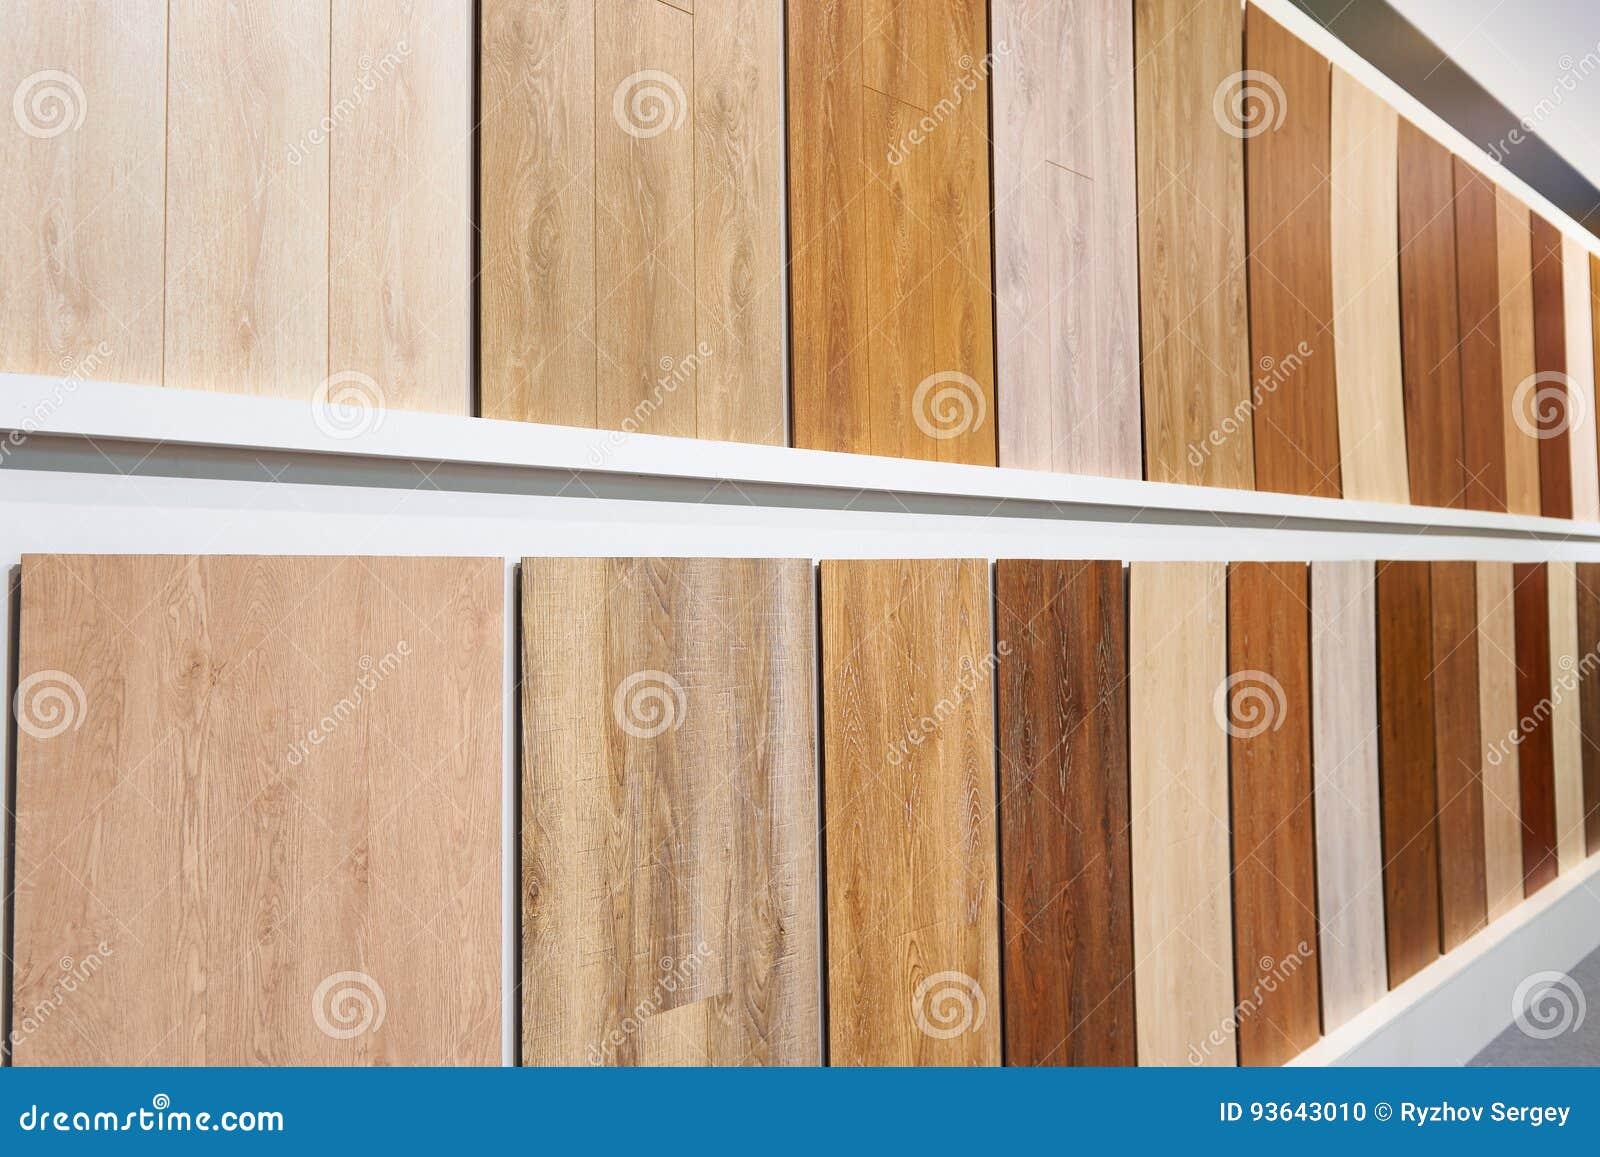 Pannelli di legno decorativi sulle pareti in deposito fotografia